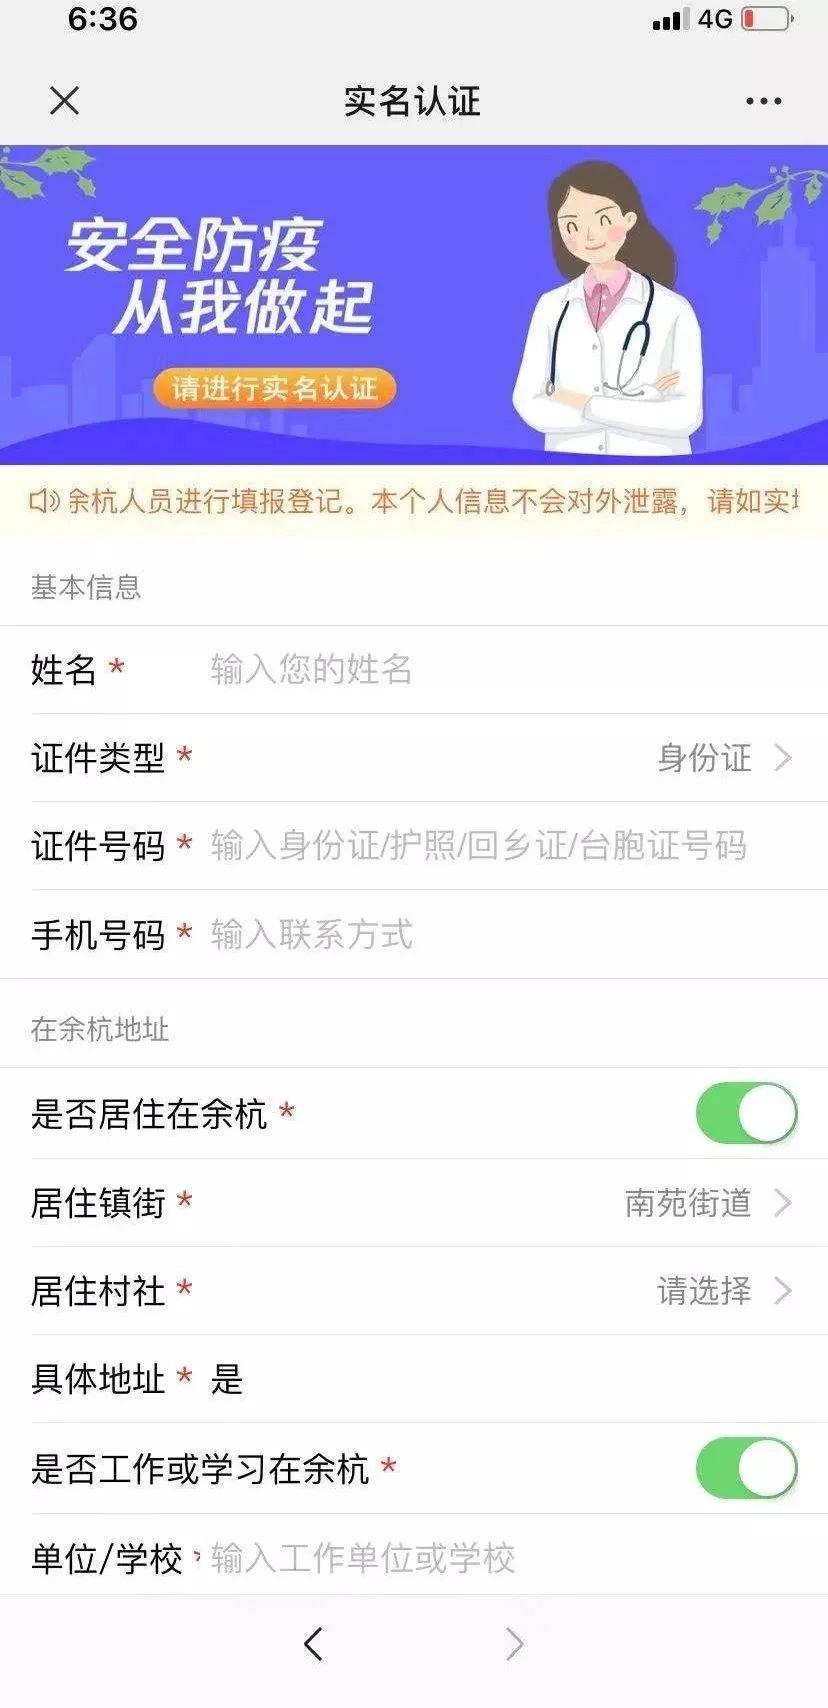 杭州余杭企业员工健康码数字平台操作指南(附入口)